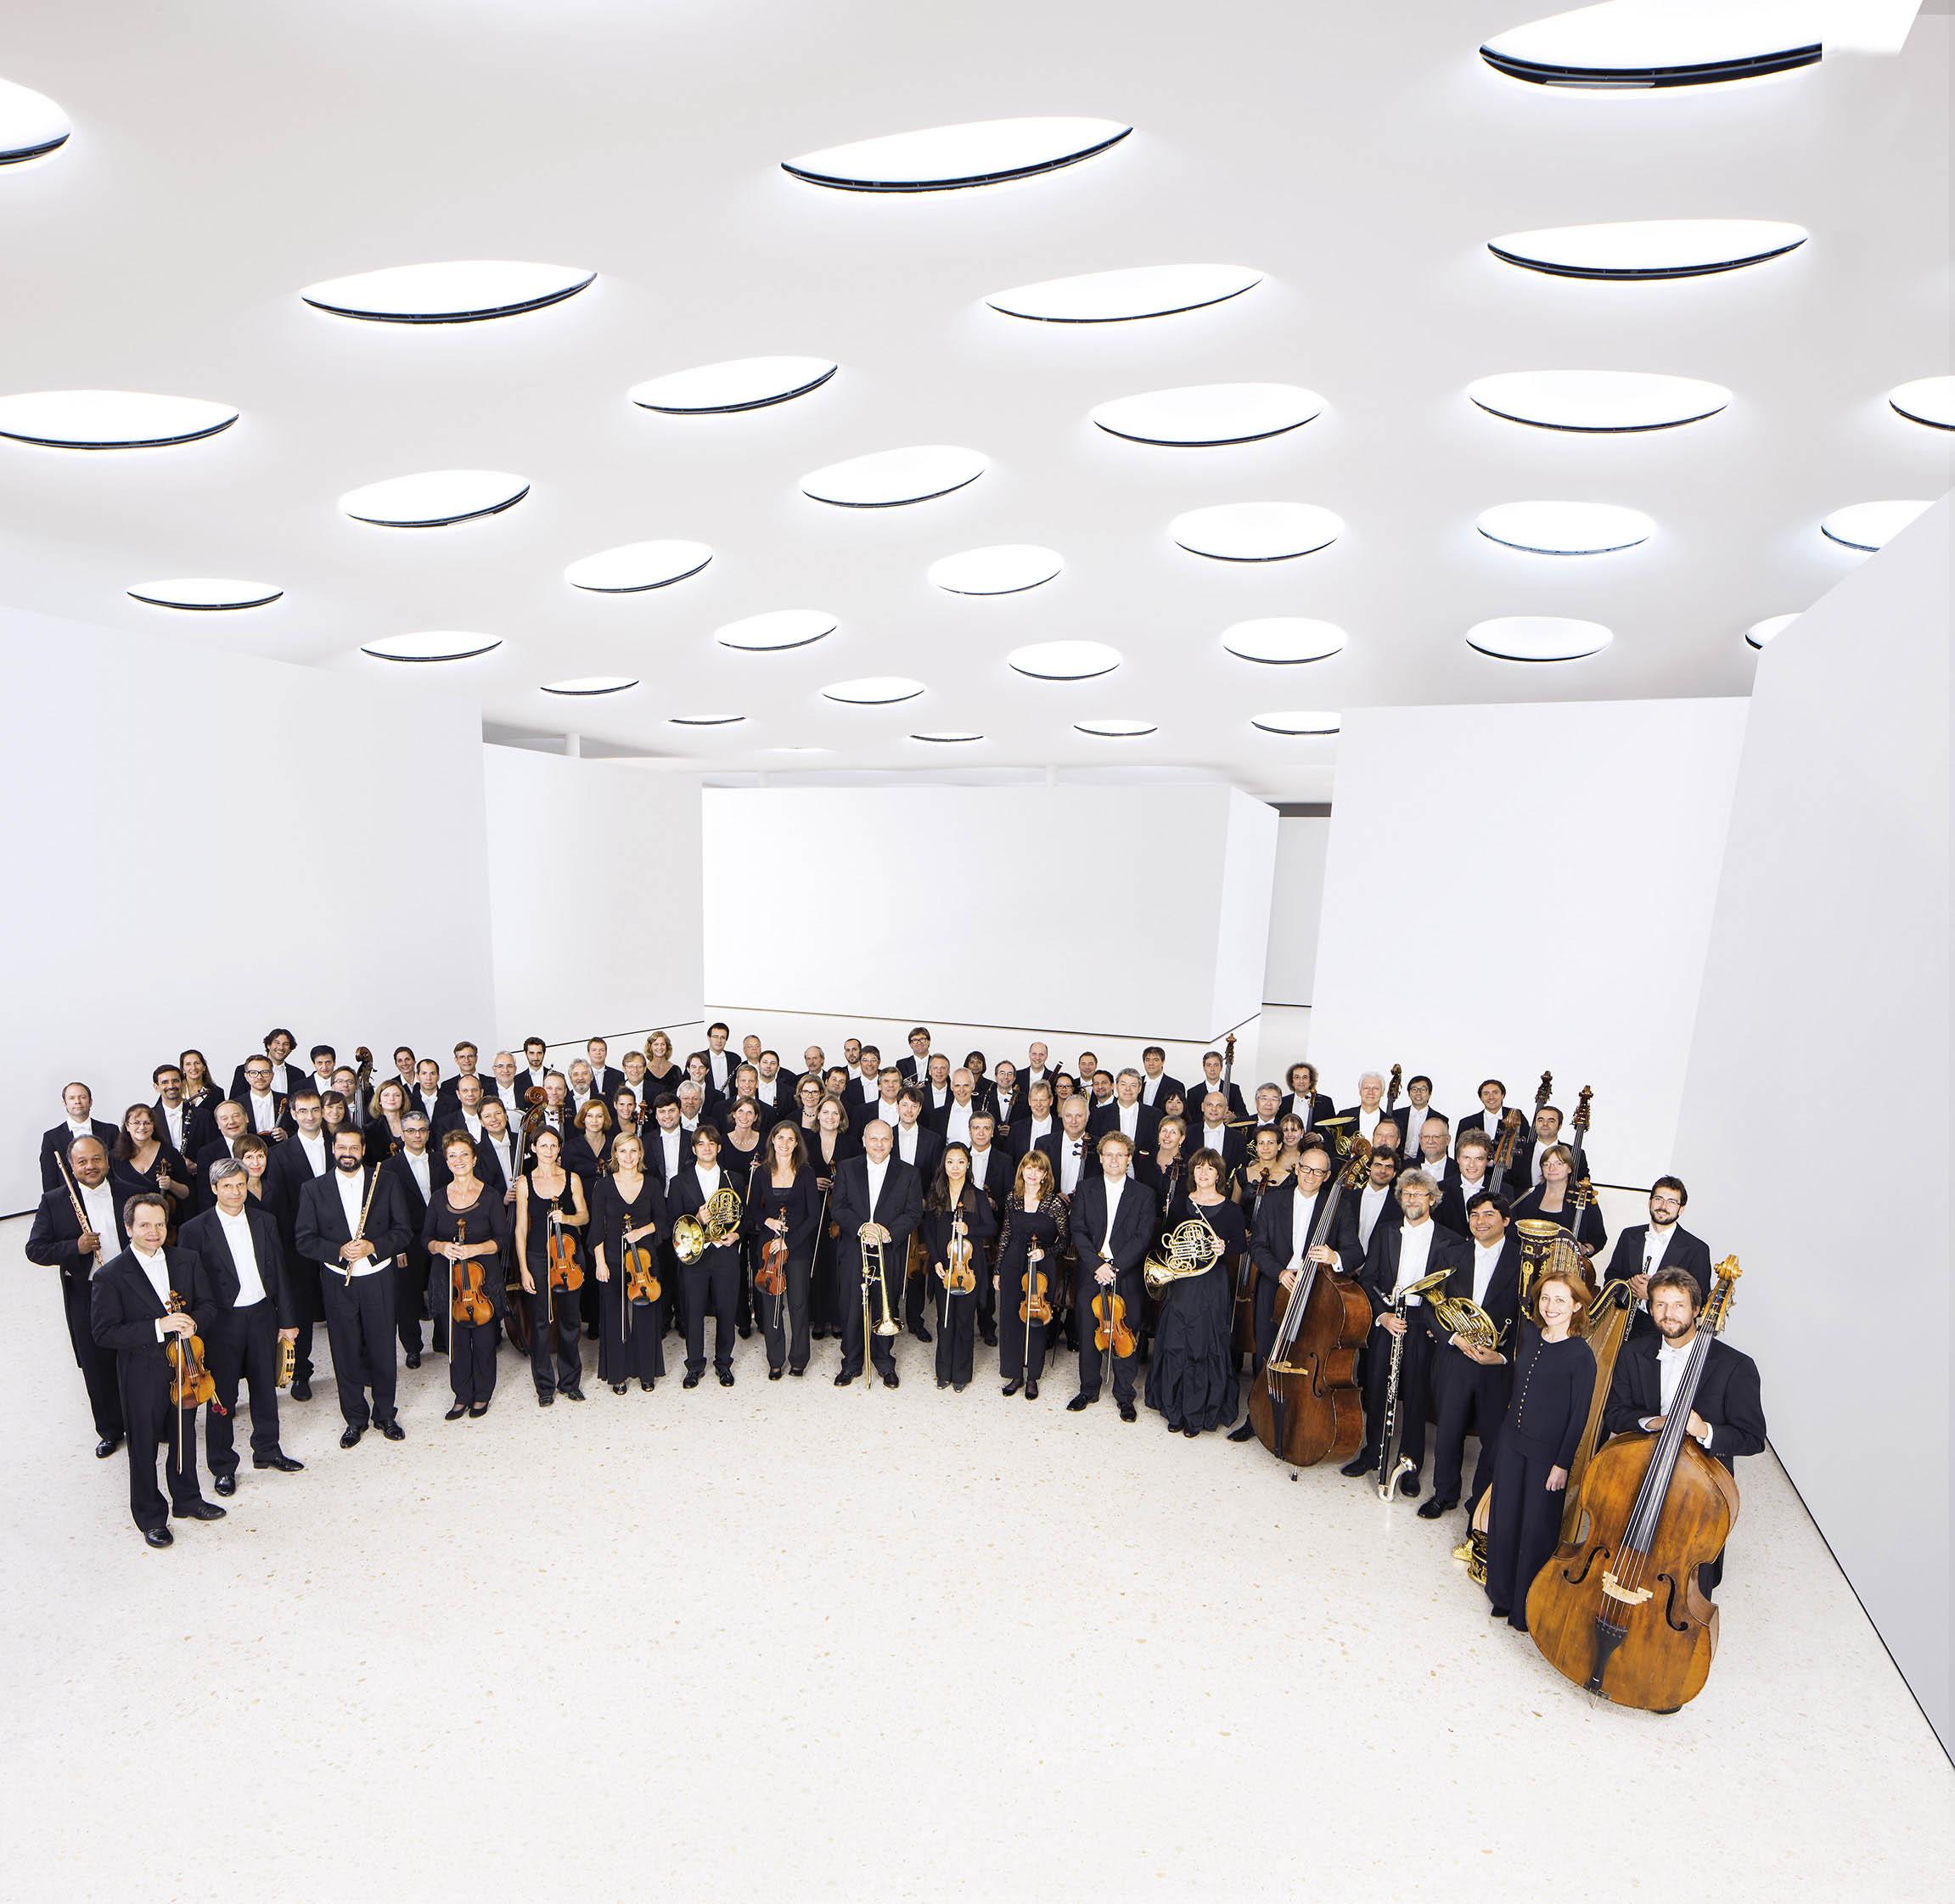 Orquesta de la Radio de Frankfurt, a la rusa con Orozco-Estrada y Fumiaki Miura